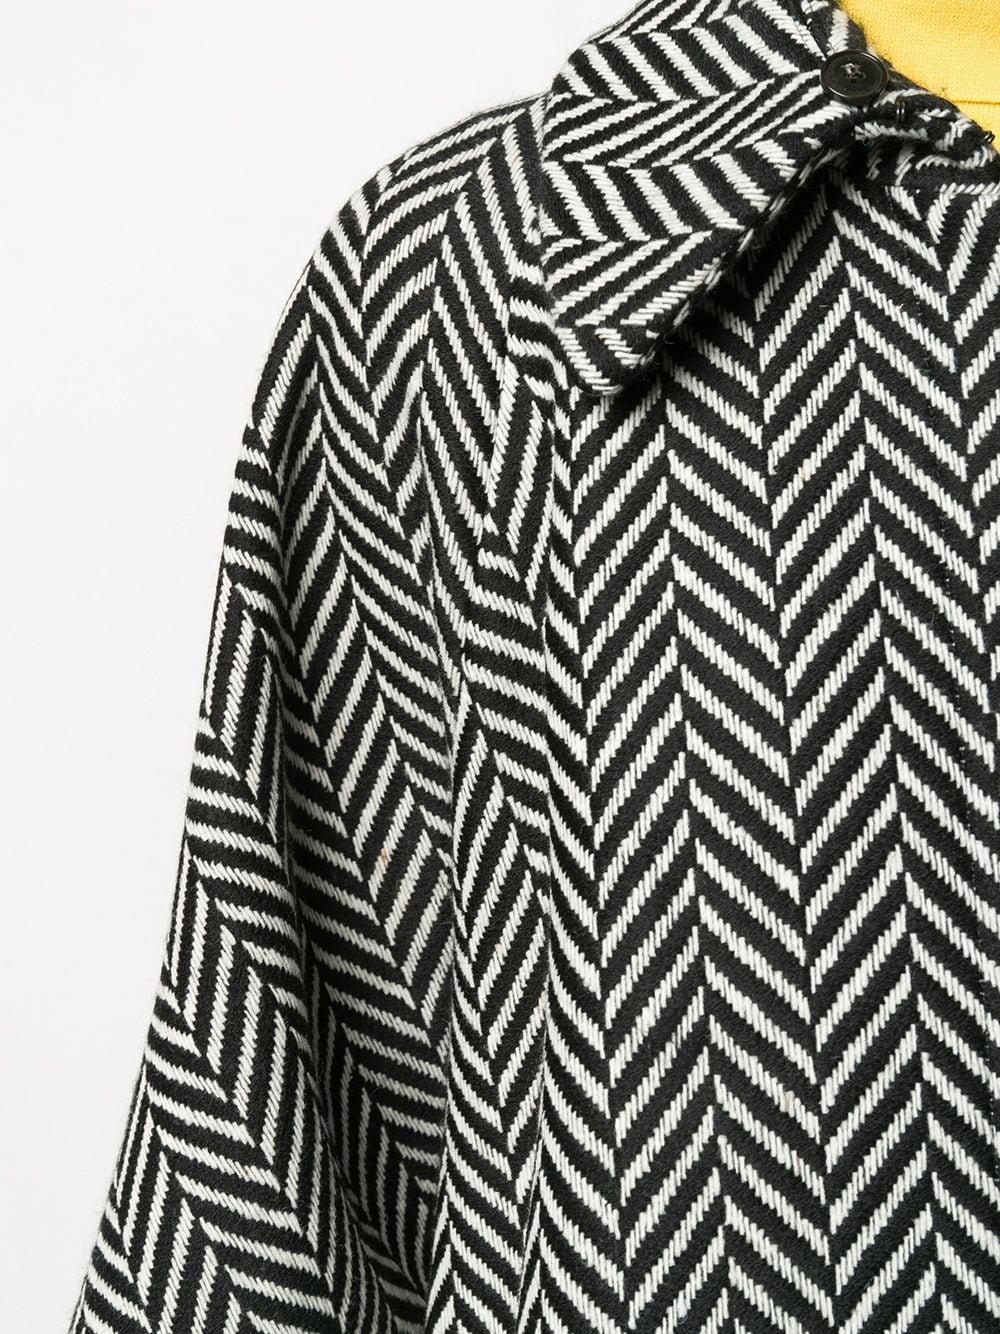 mantella in lana bianca e nera con motivo a spina di pesce STELLA MC CARTNEY | Cappotti | 601694-SPB101000